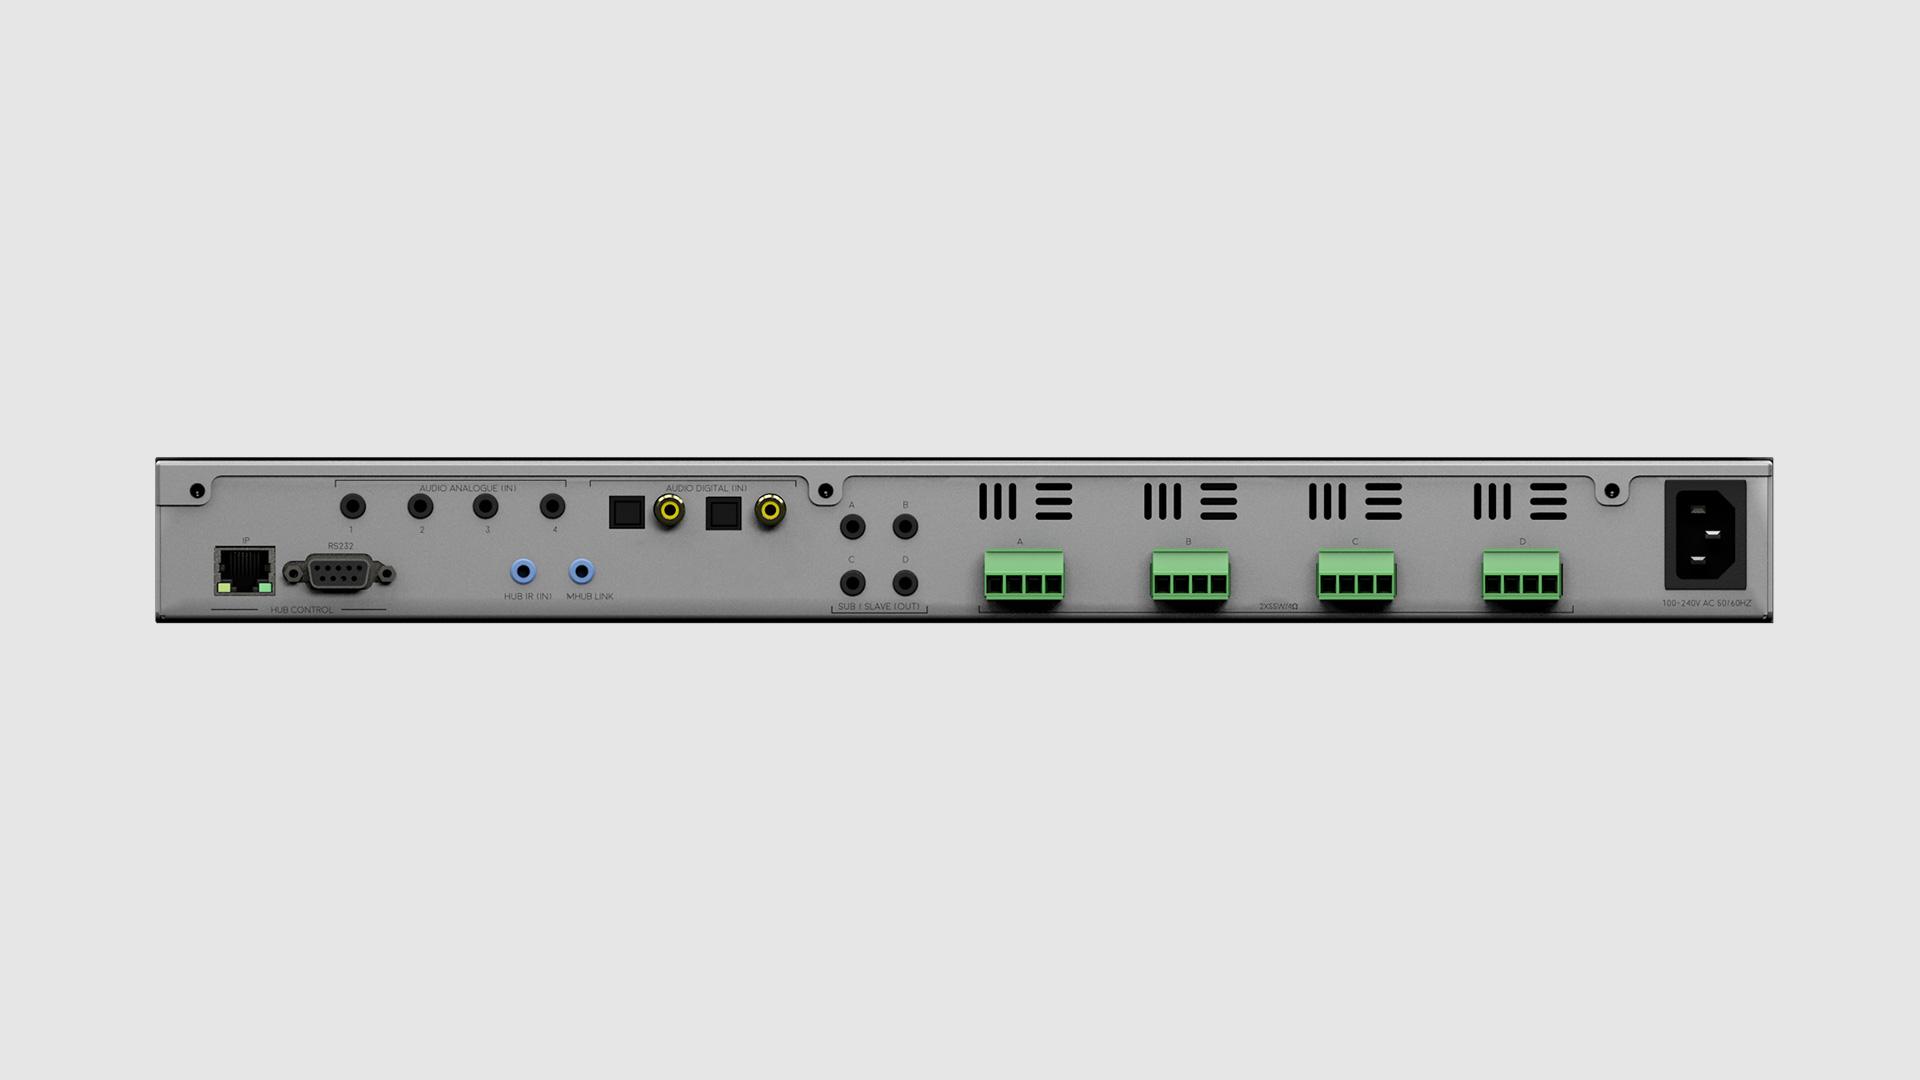 MHUB PRO 2.0 (8x8) 100